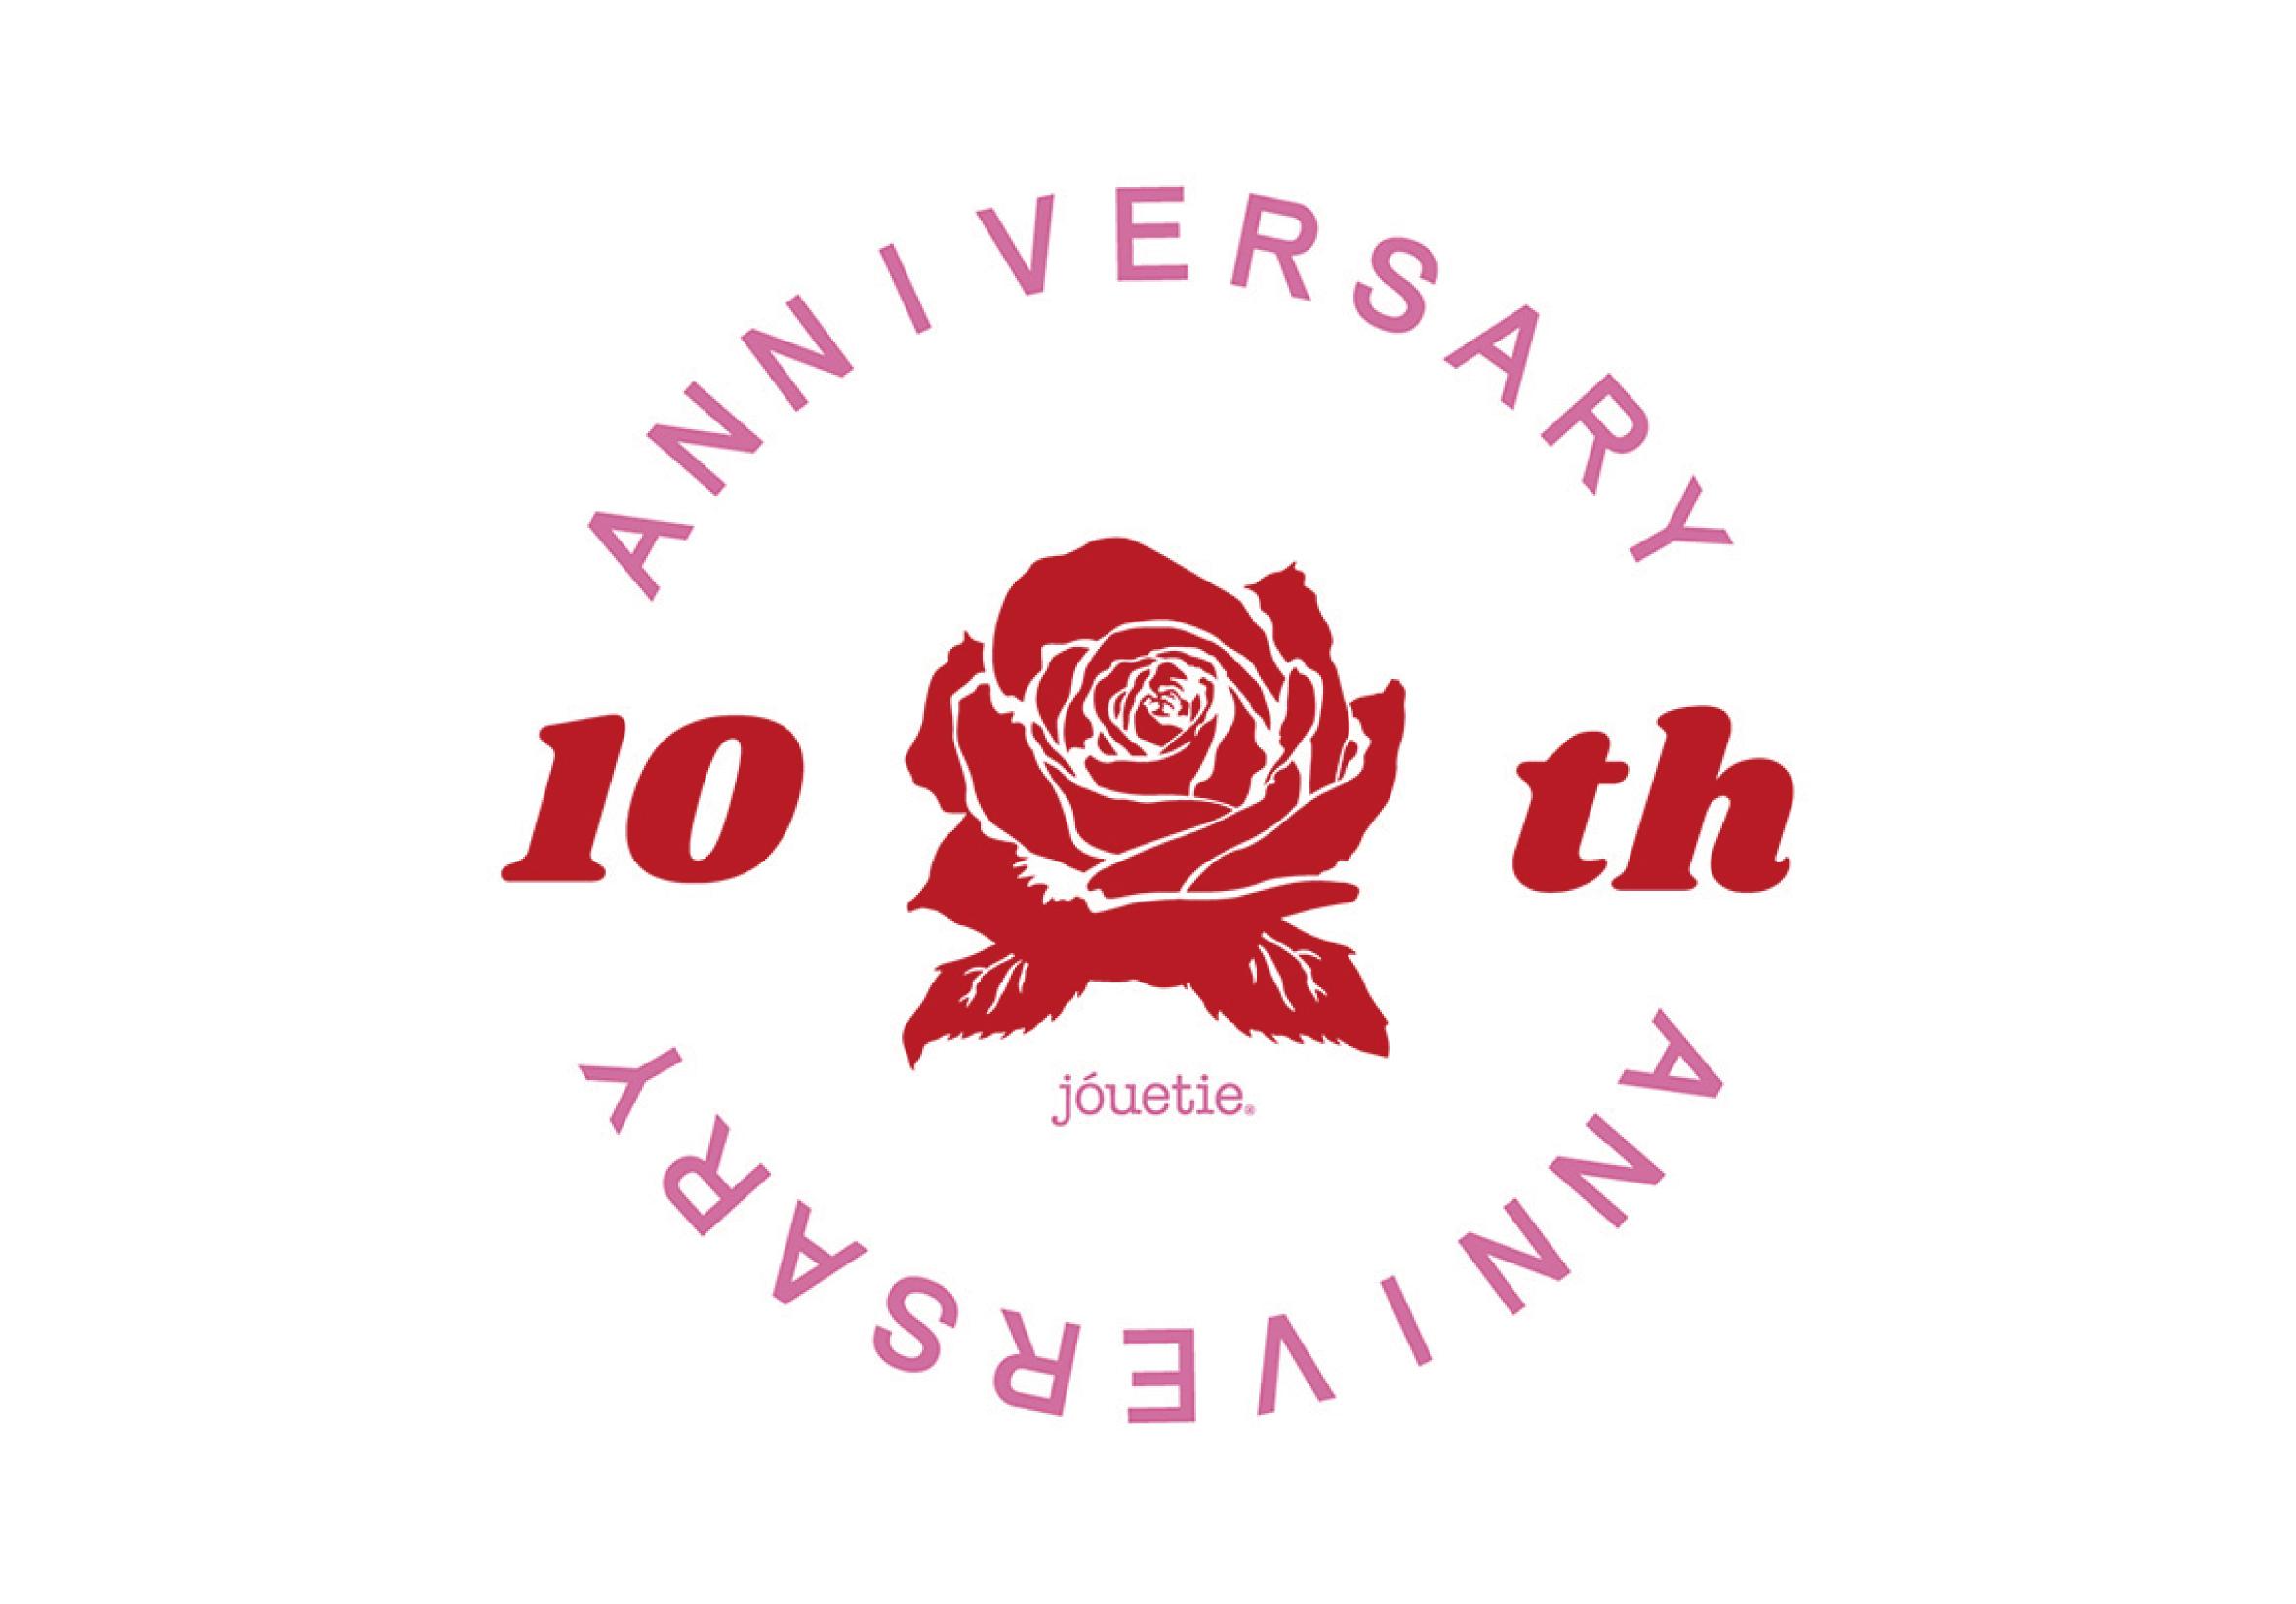 【jouetie 10th Anniversary】